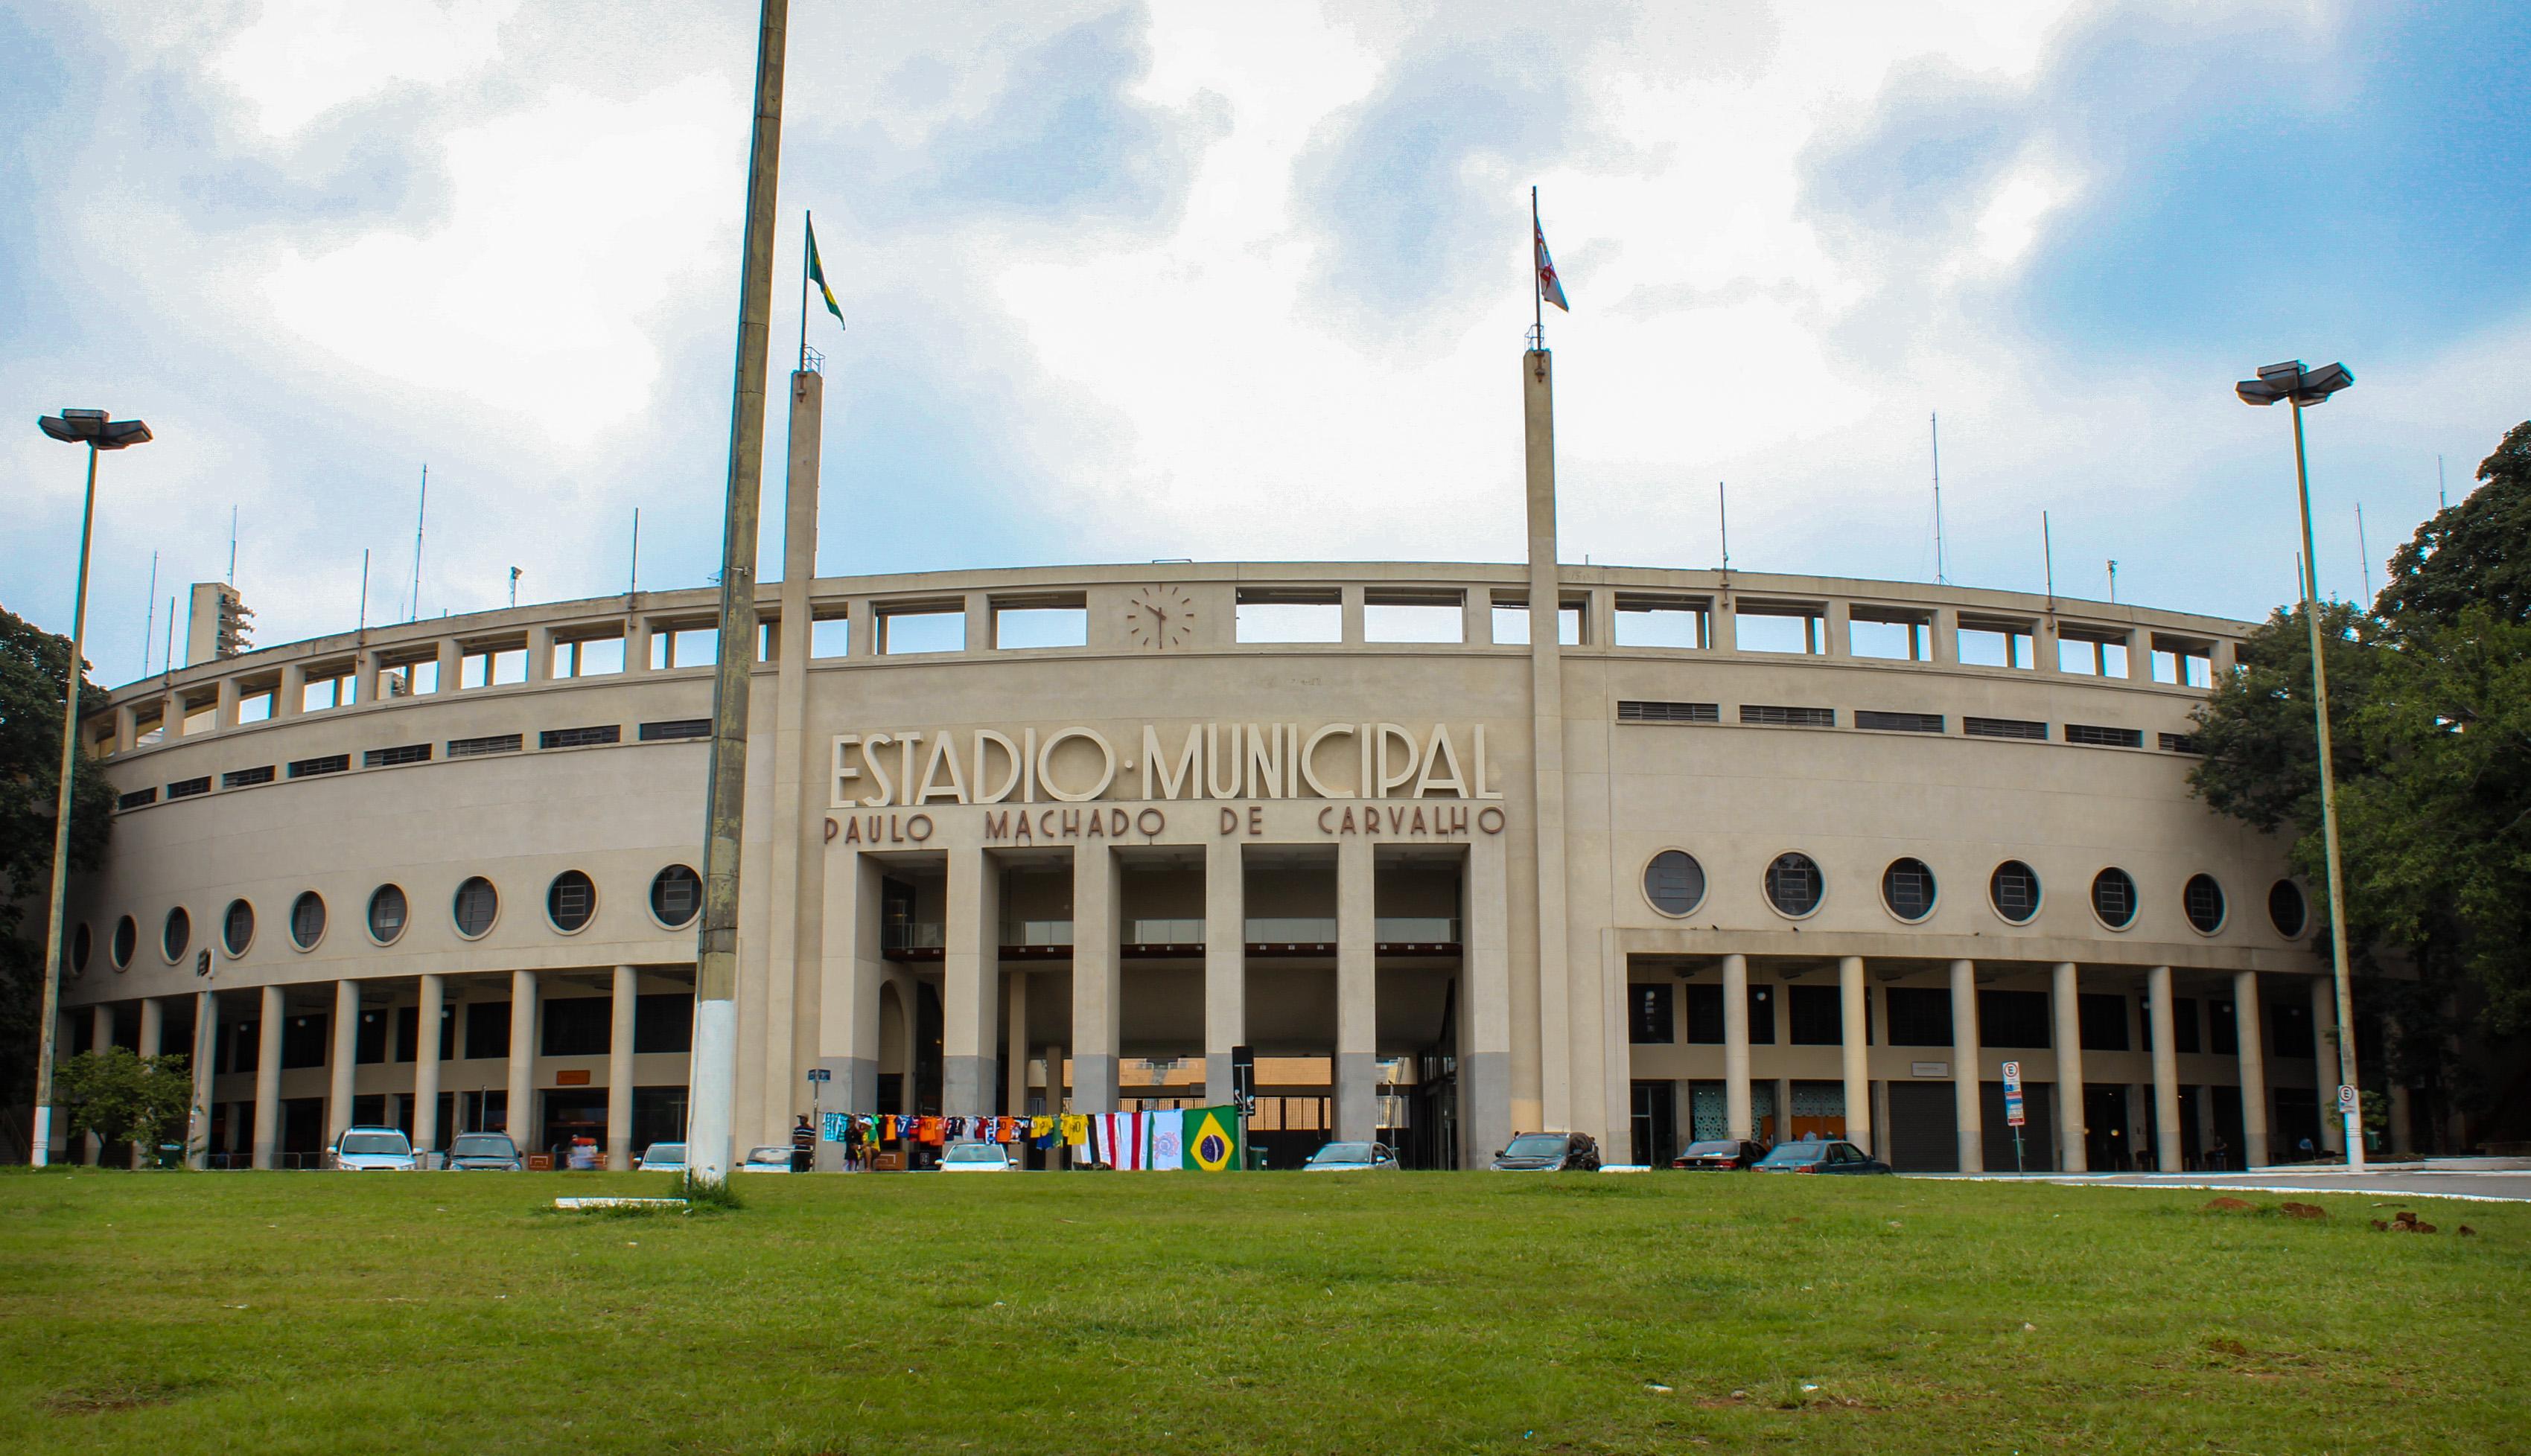 Estádio Paulo Machado de Carvalho